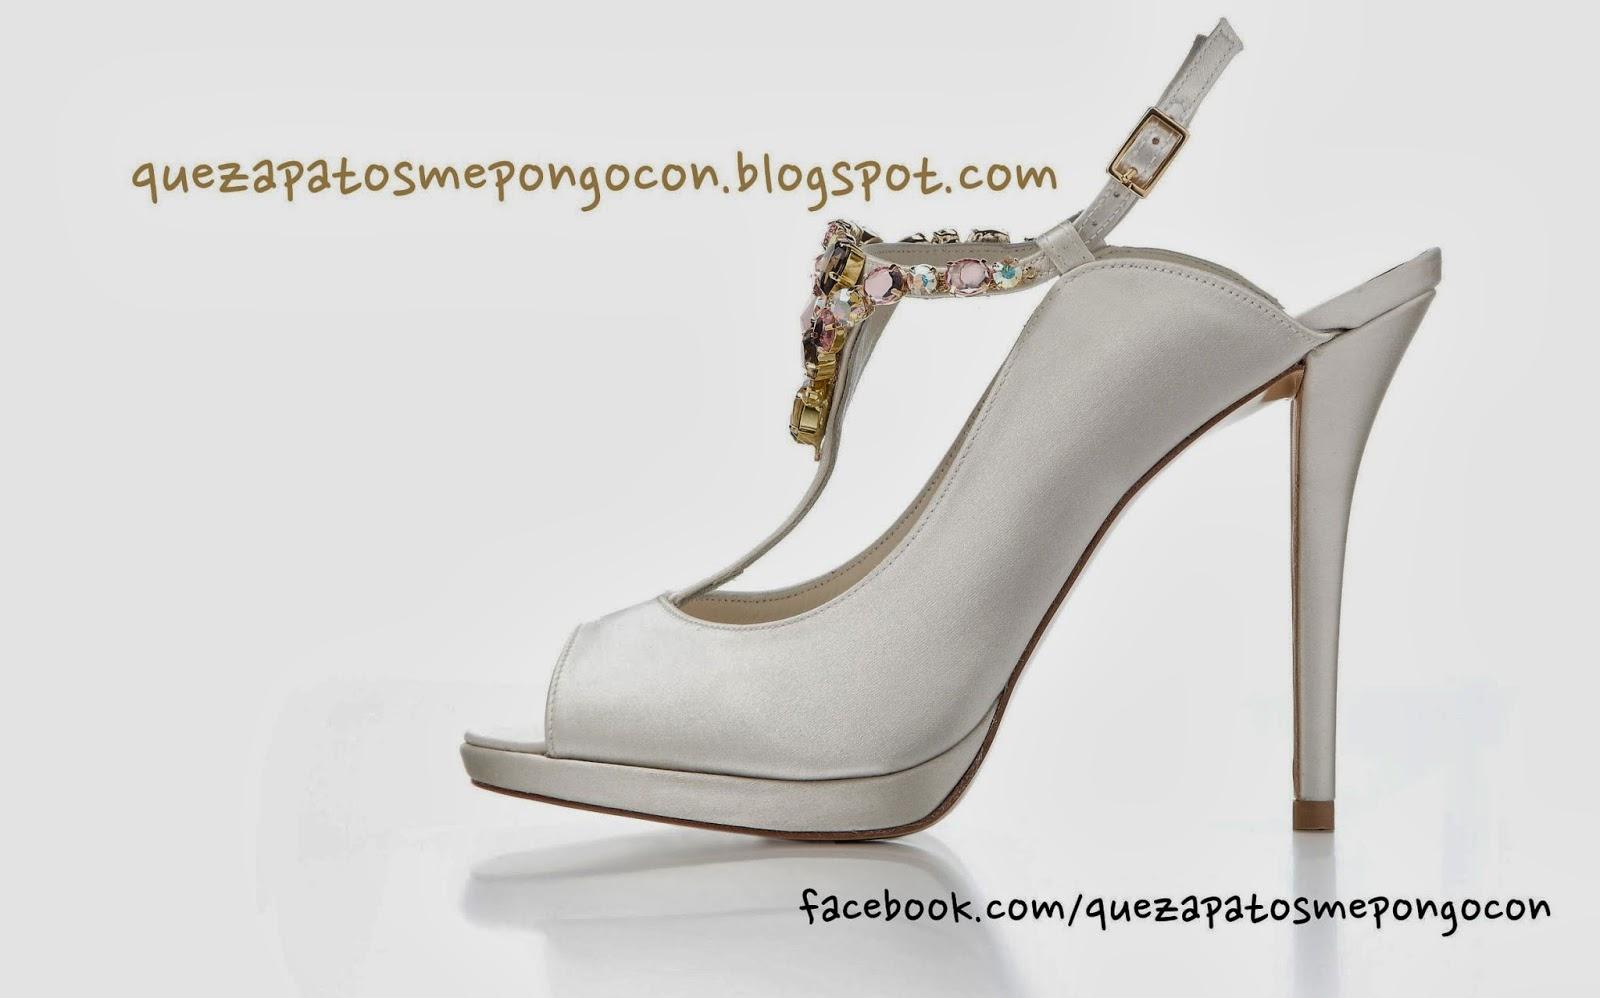 Vestidos y zapatos para bodas